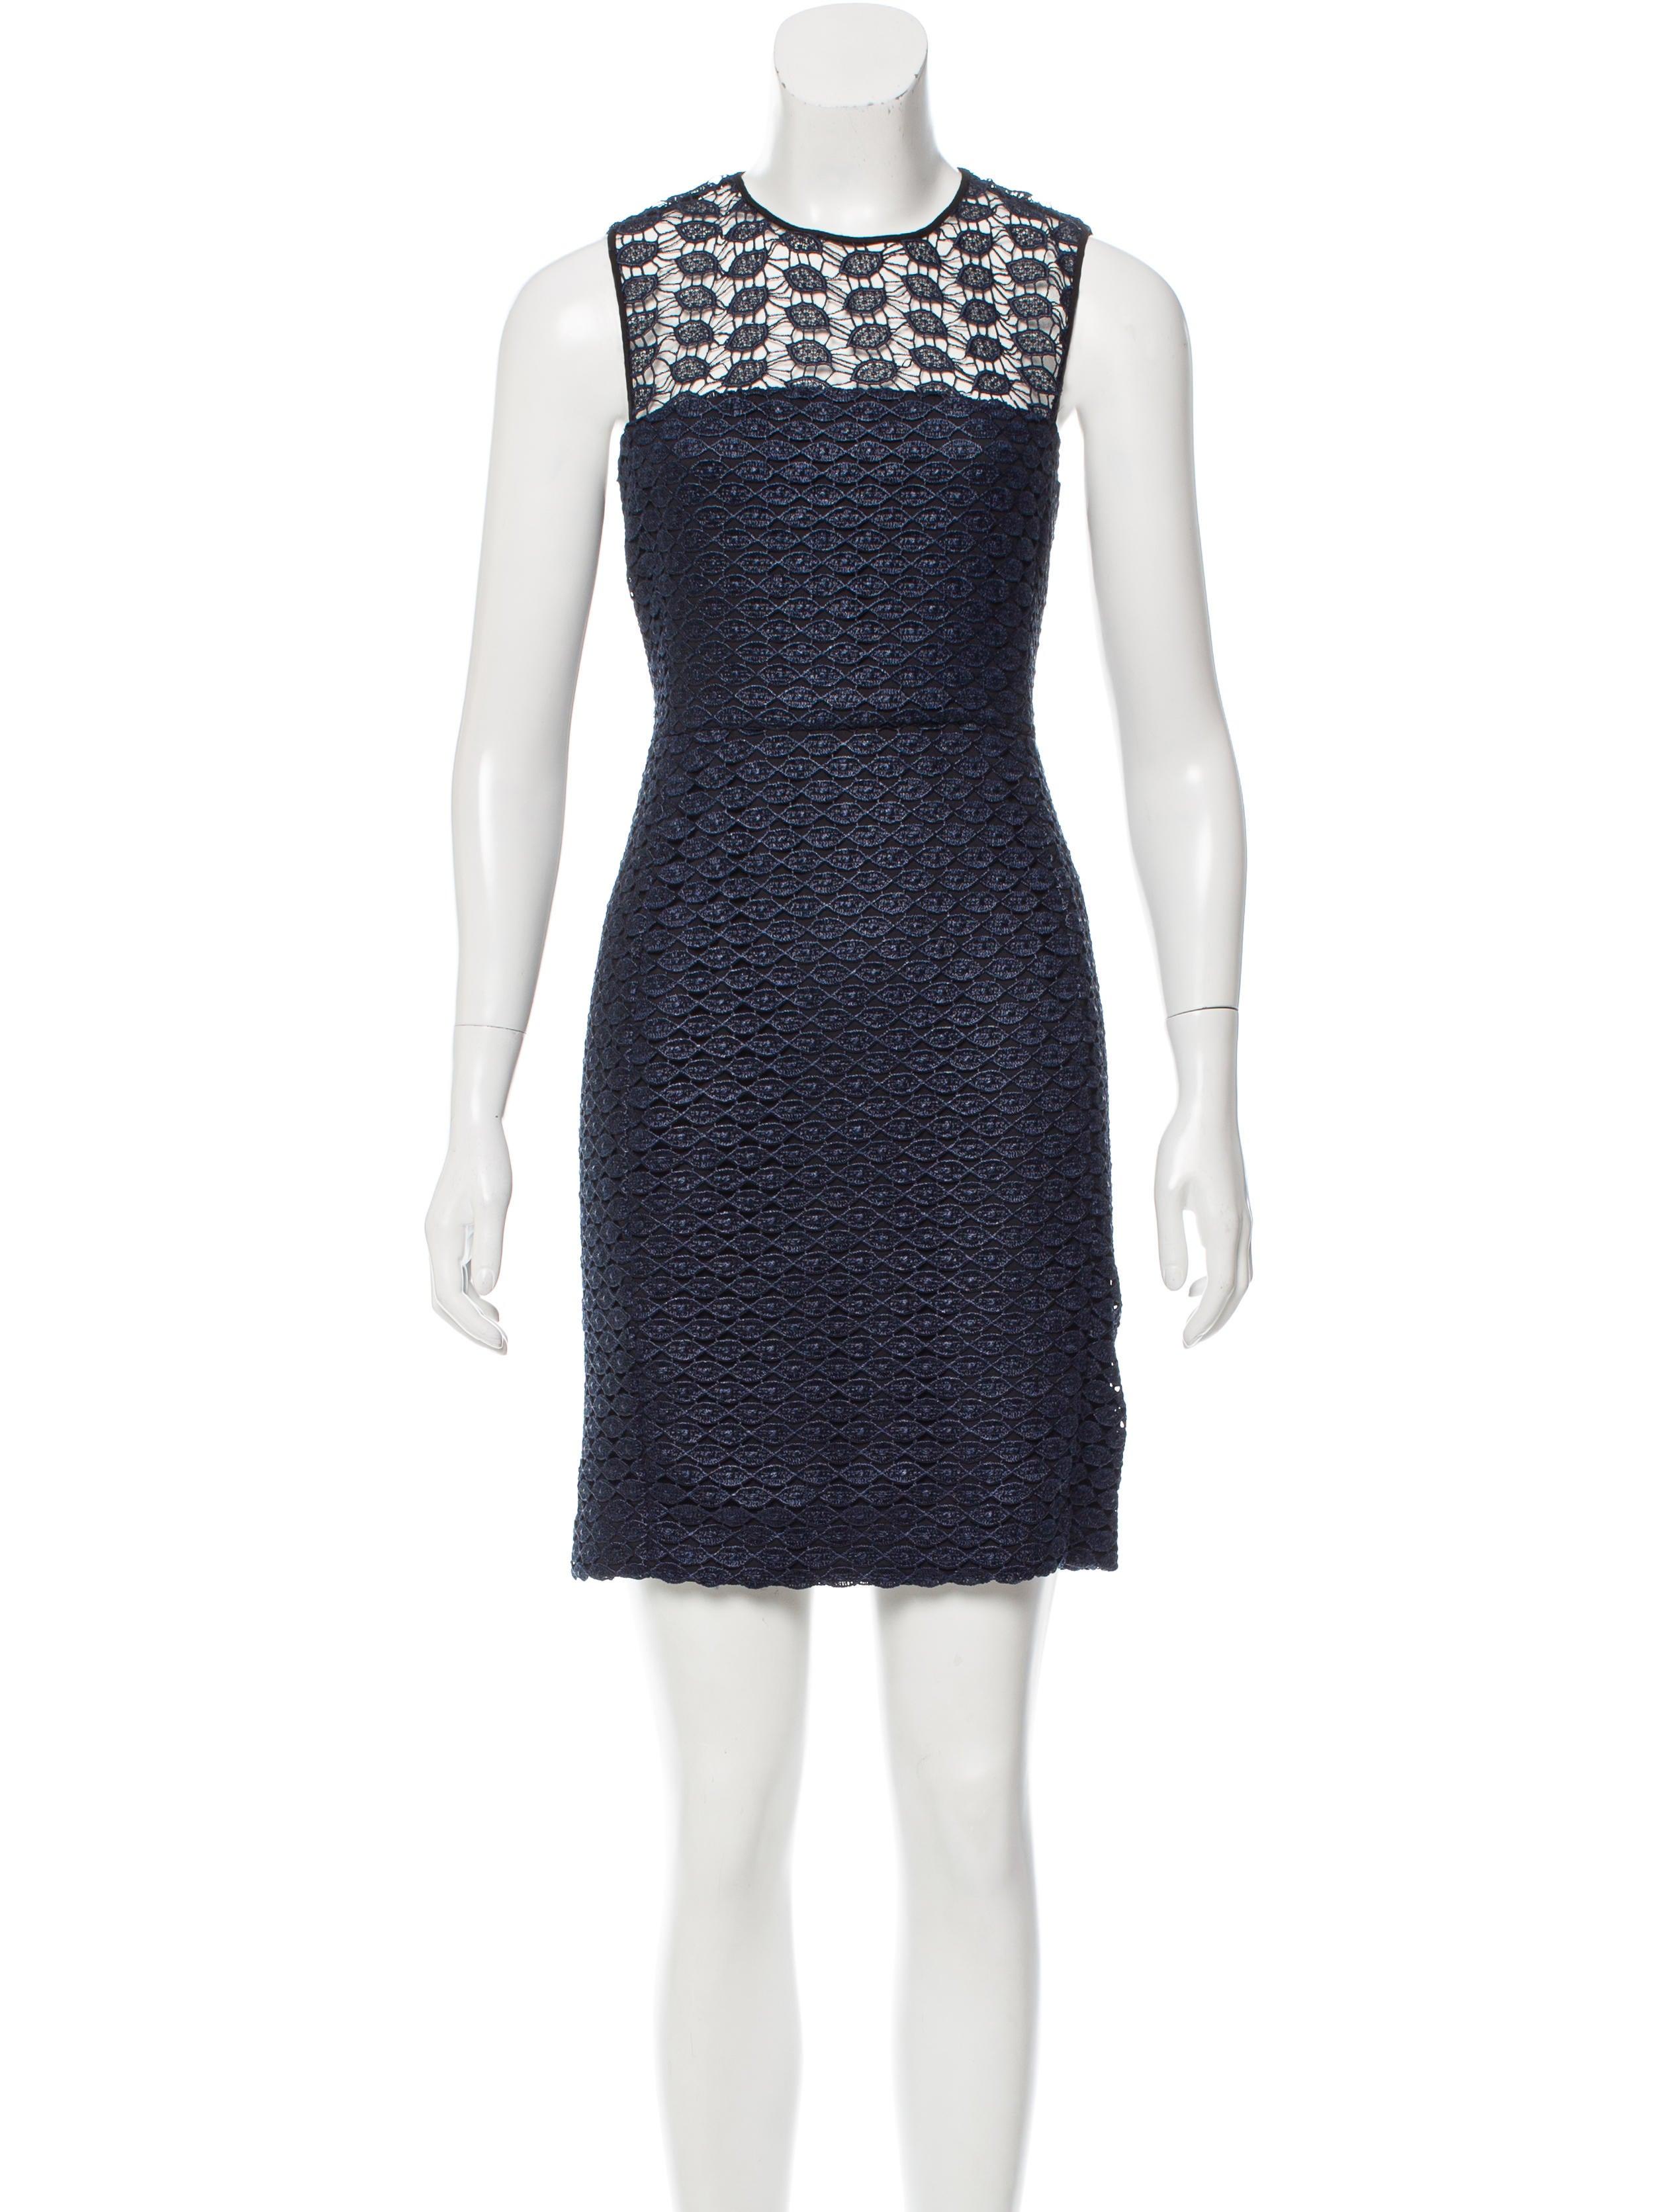 Diane von furstenberg kinchu lace dress clothing for Diane von furstenberg clothing